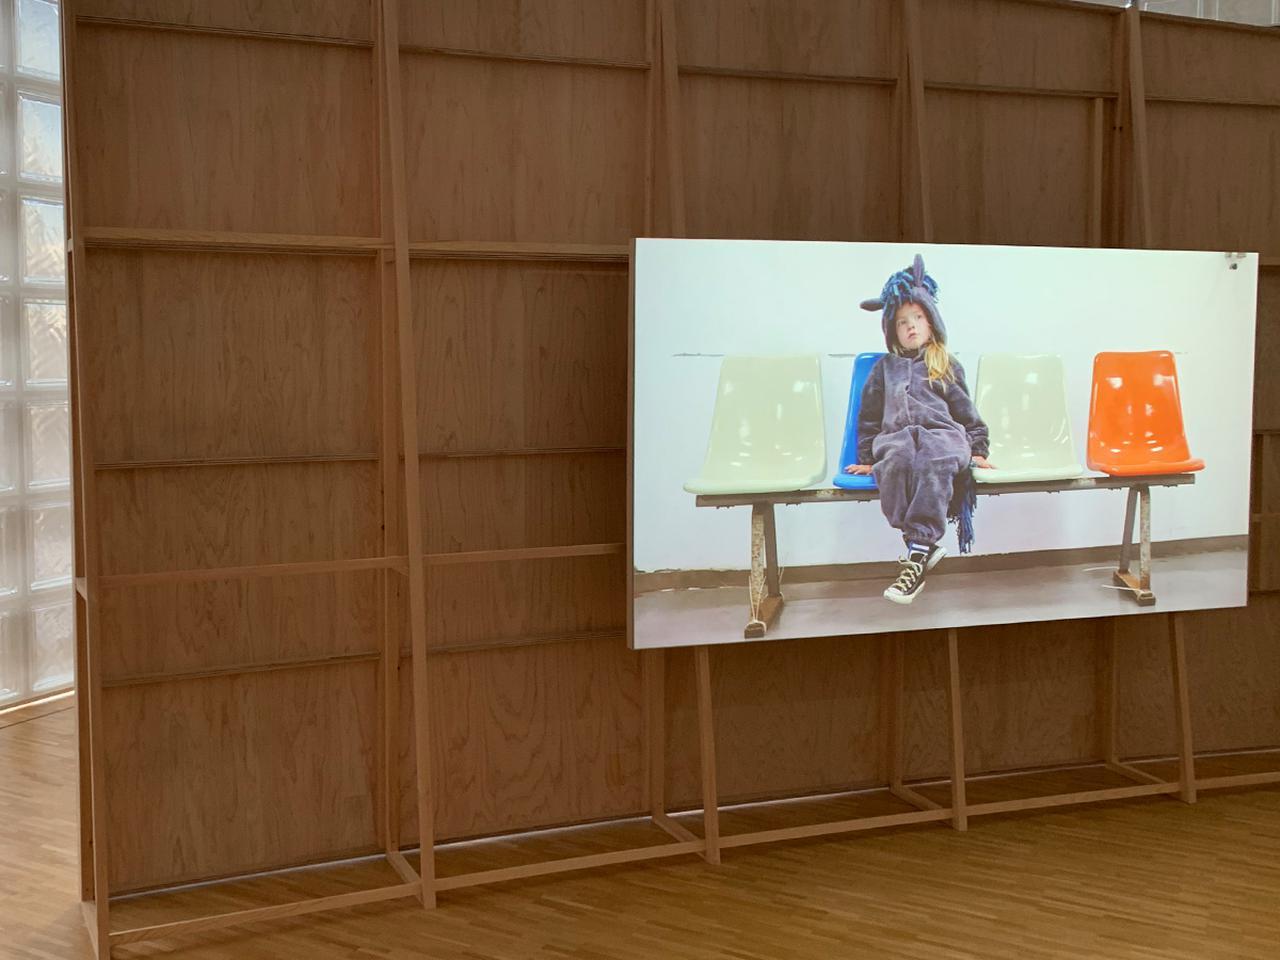 Images : 「ベゾアール(結石)」シャルロット・デュマ展|銀座メゾンエルメス フォーラム